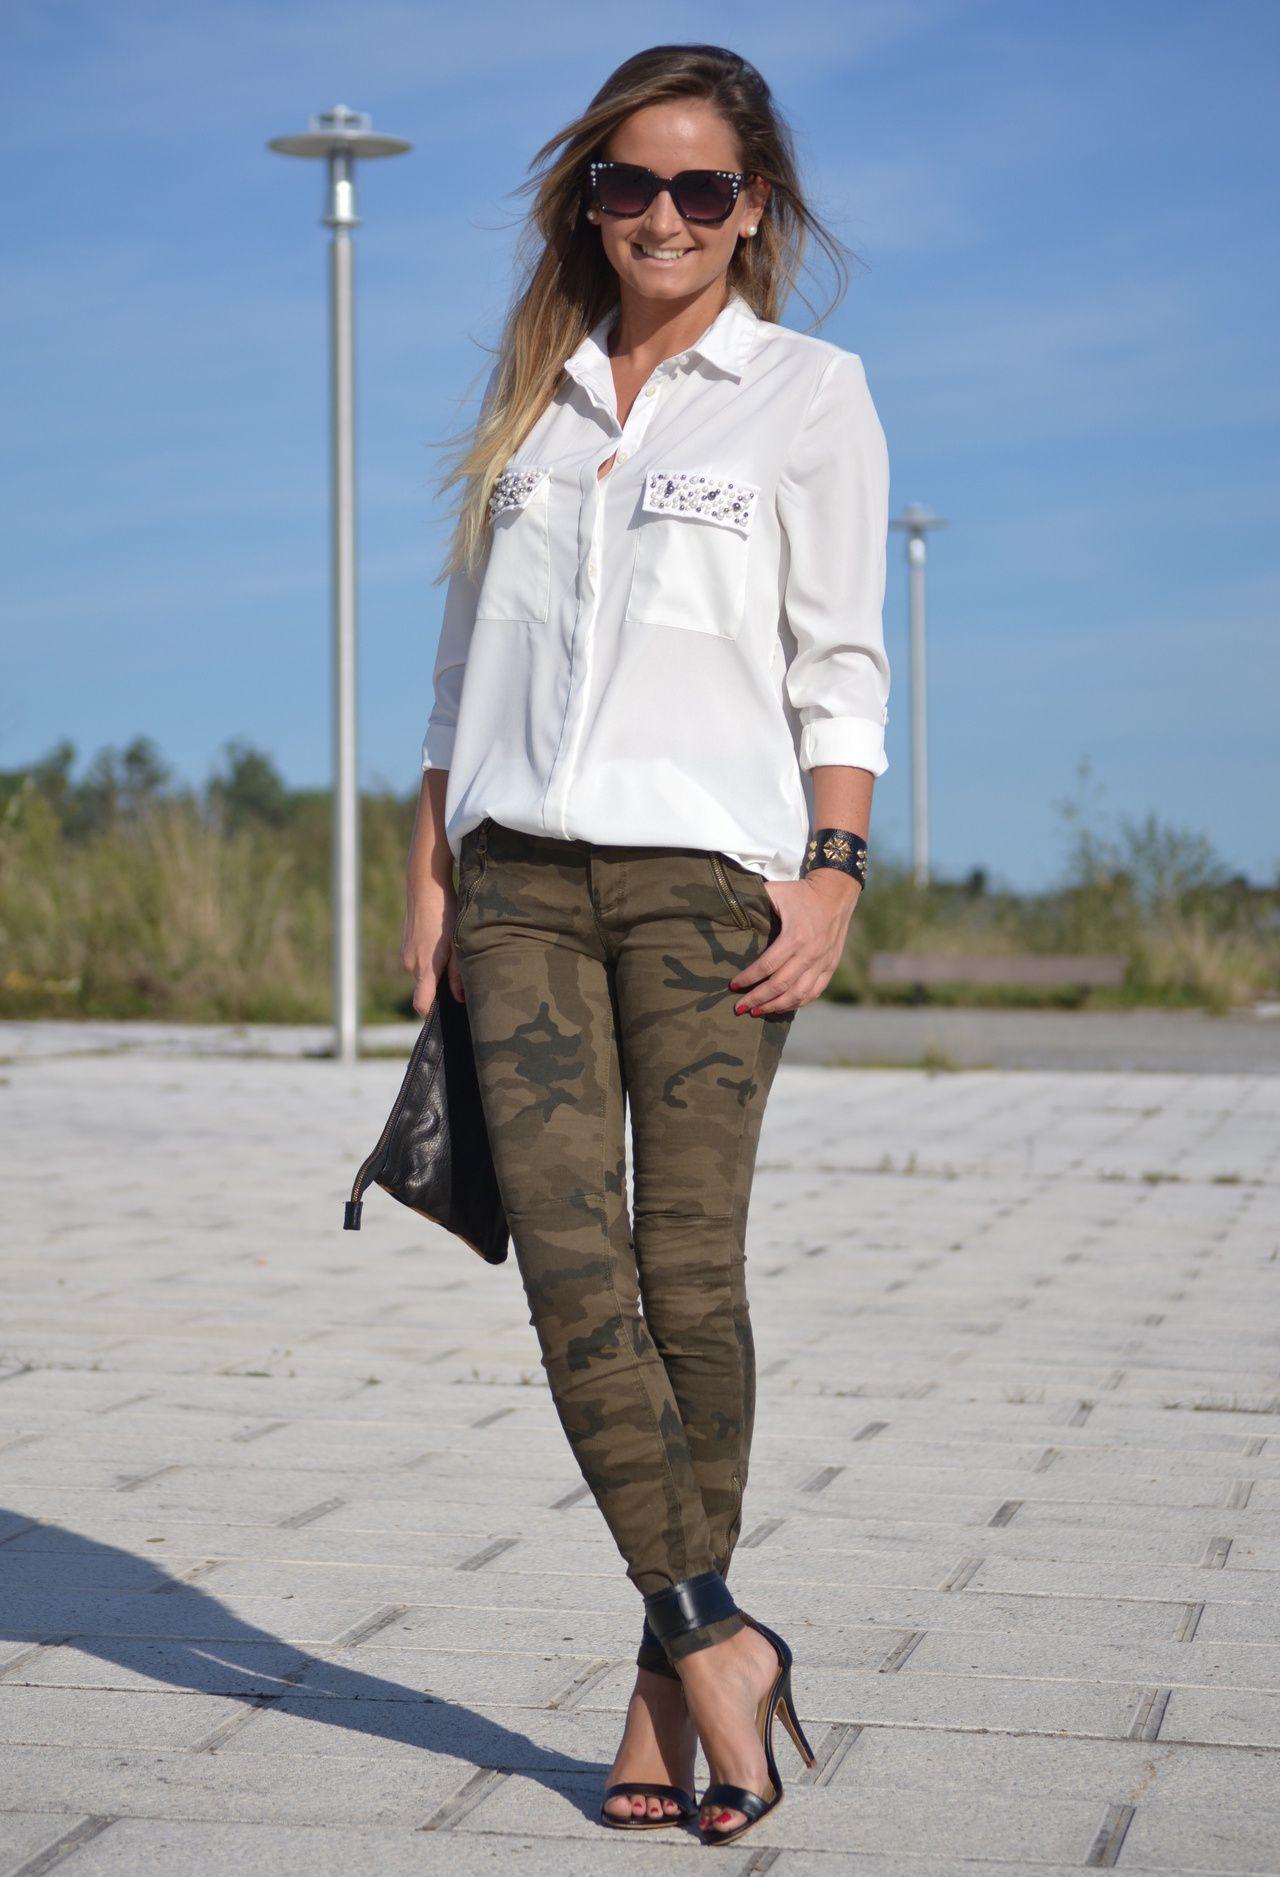 Pantalon militar  07d890b6e